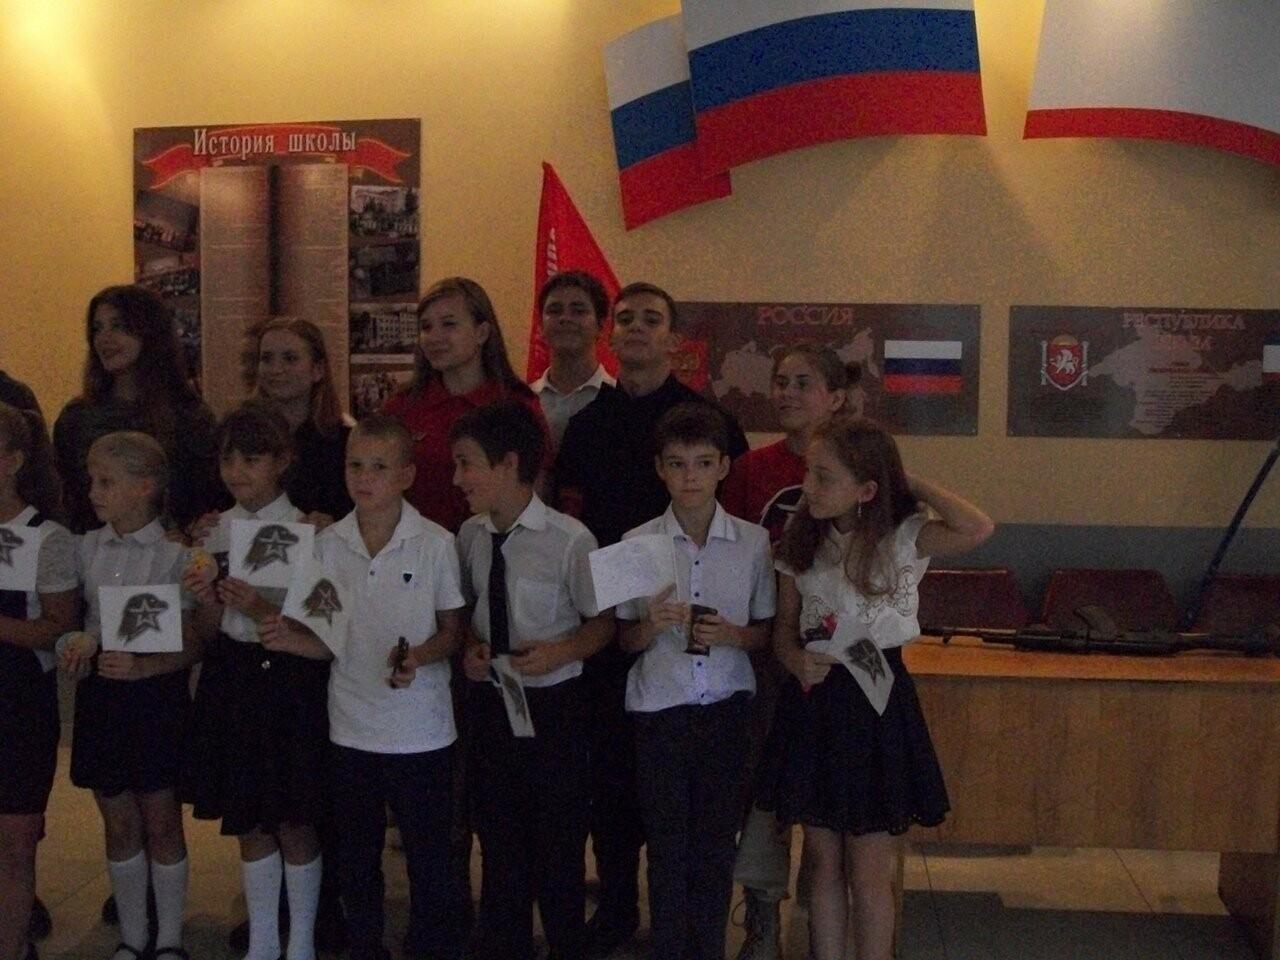 """В Ялте движение """"ЮНАРМИЯ"""" объединяет школьников, фото-3"""